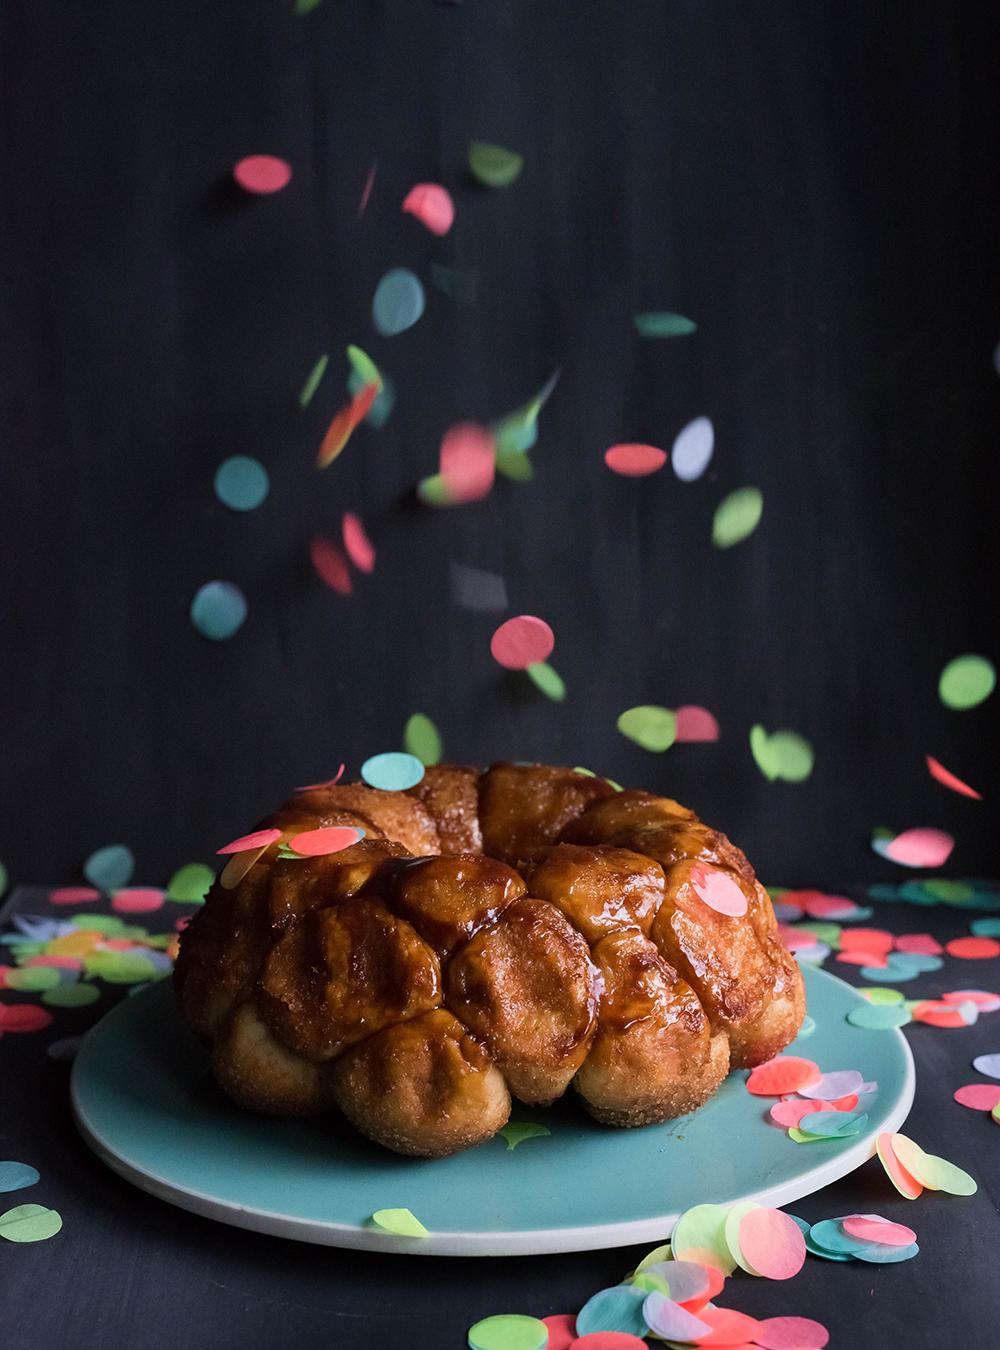 Karamell gefülltes Party Monkey Bread